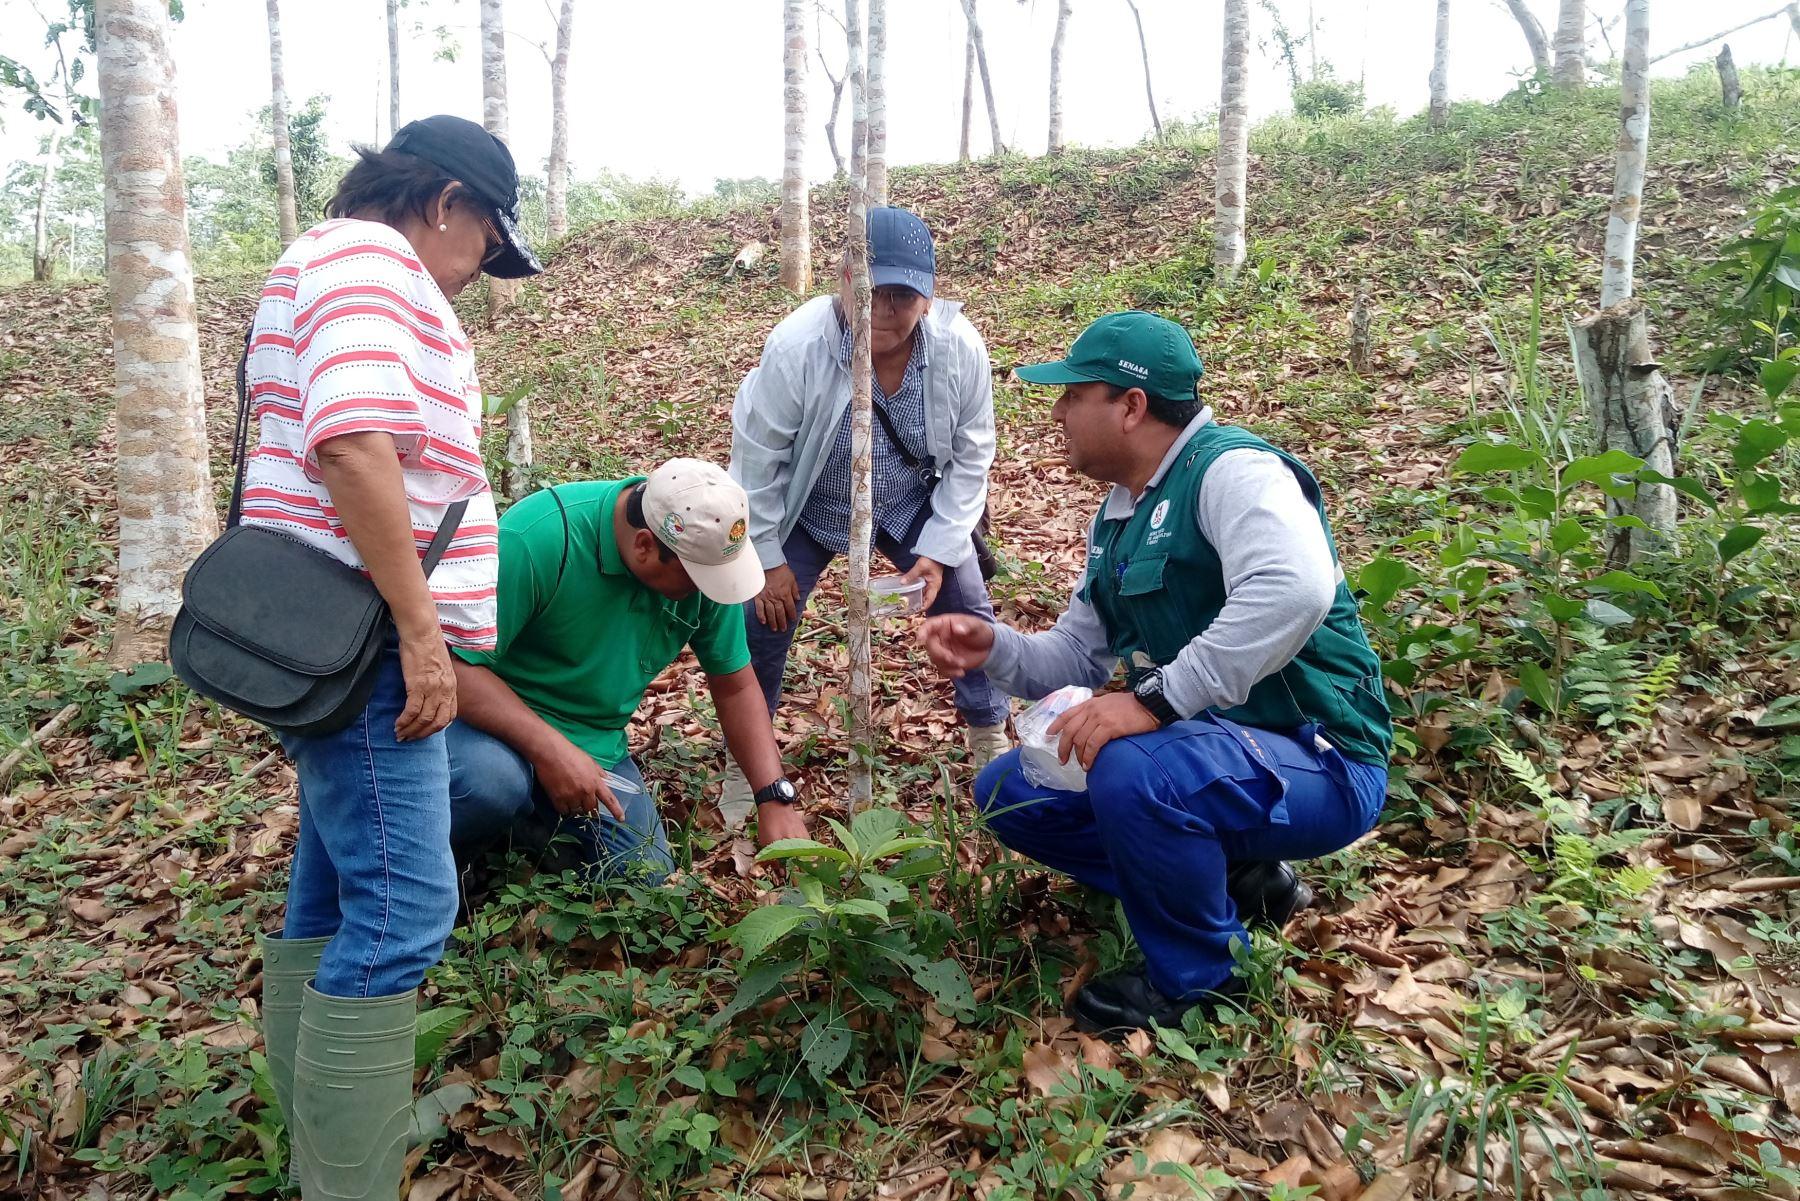 Productores de Ucayali realizan control biológico frente a plagas forestales. ANDINA/Difusión